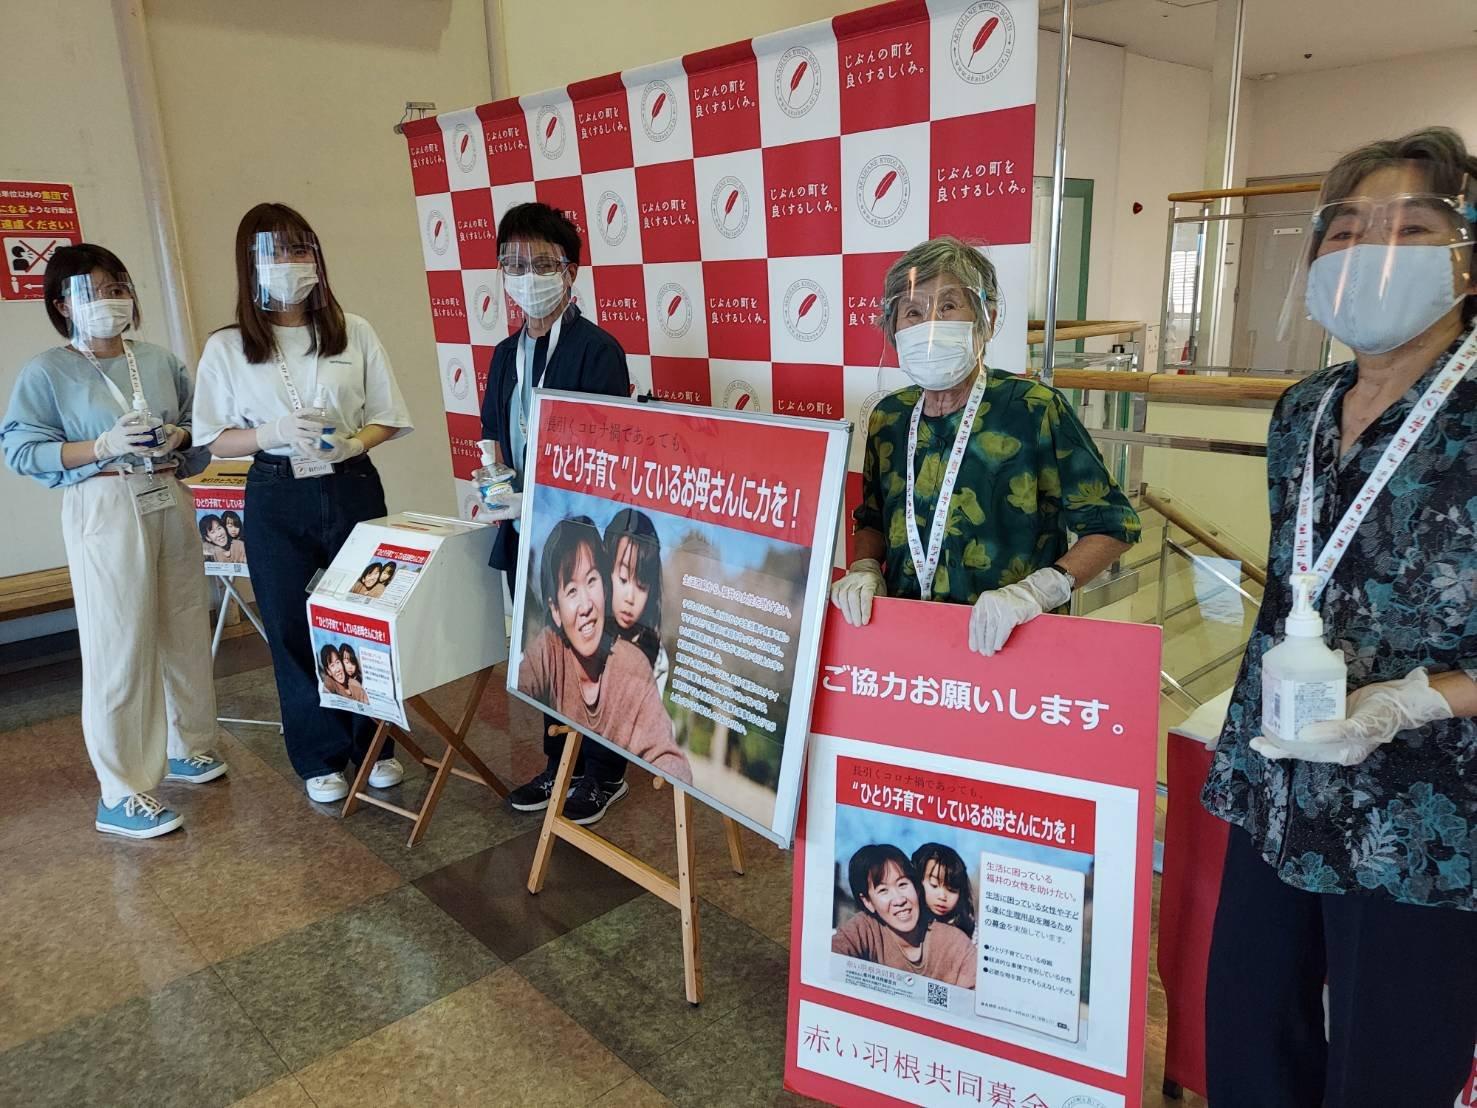 4502ワクチン職域接種会場での街頭募金1.jpg